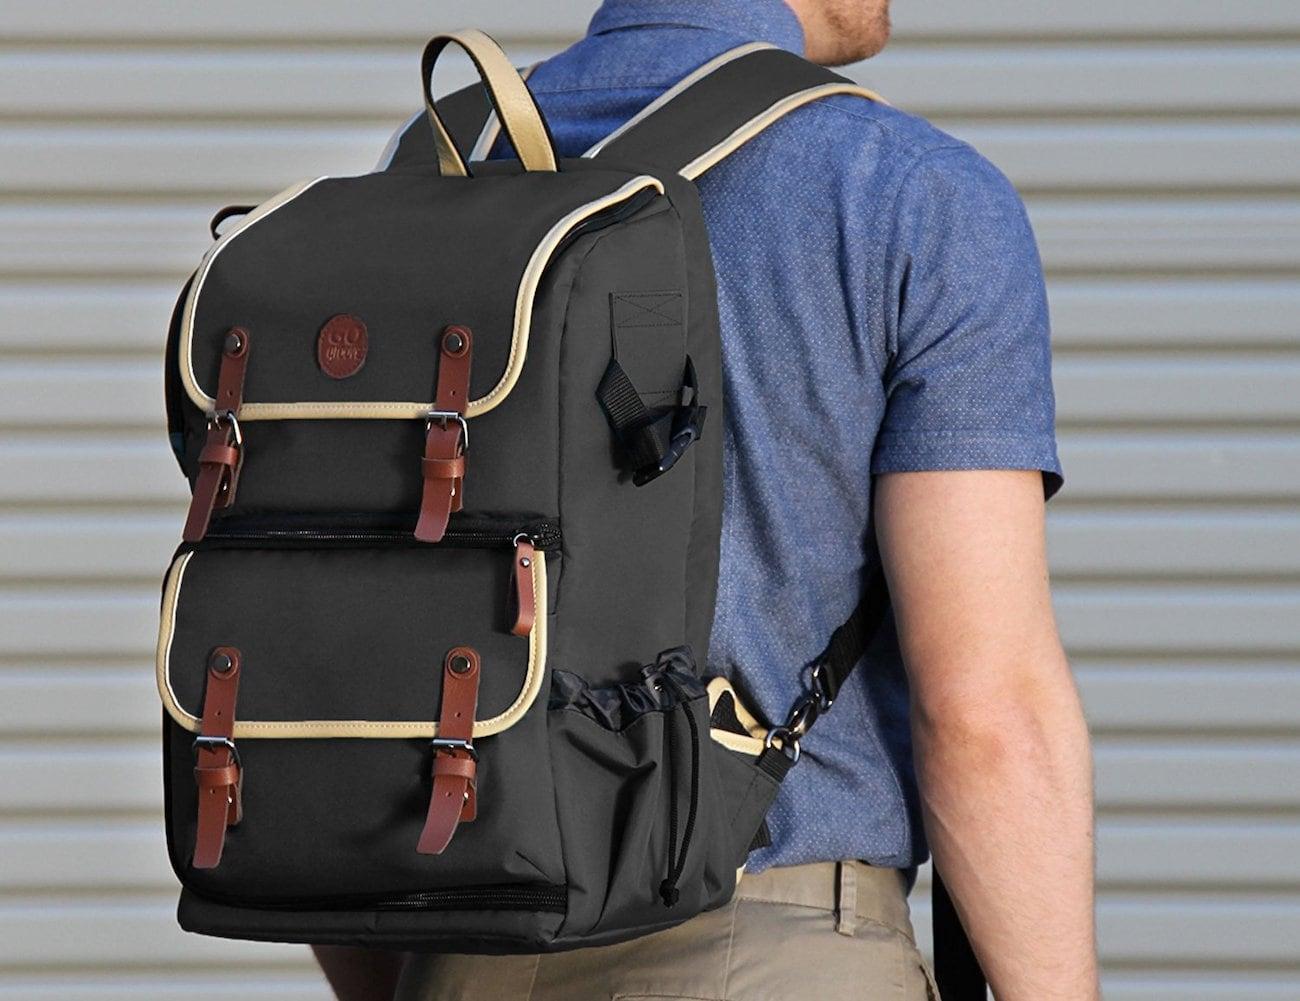 GOgroove DSLR Camera Backpack